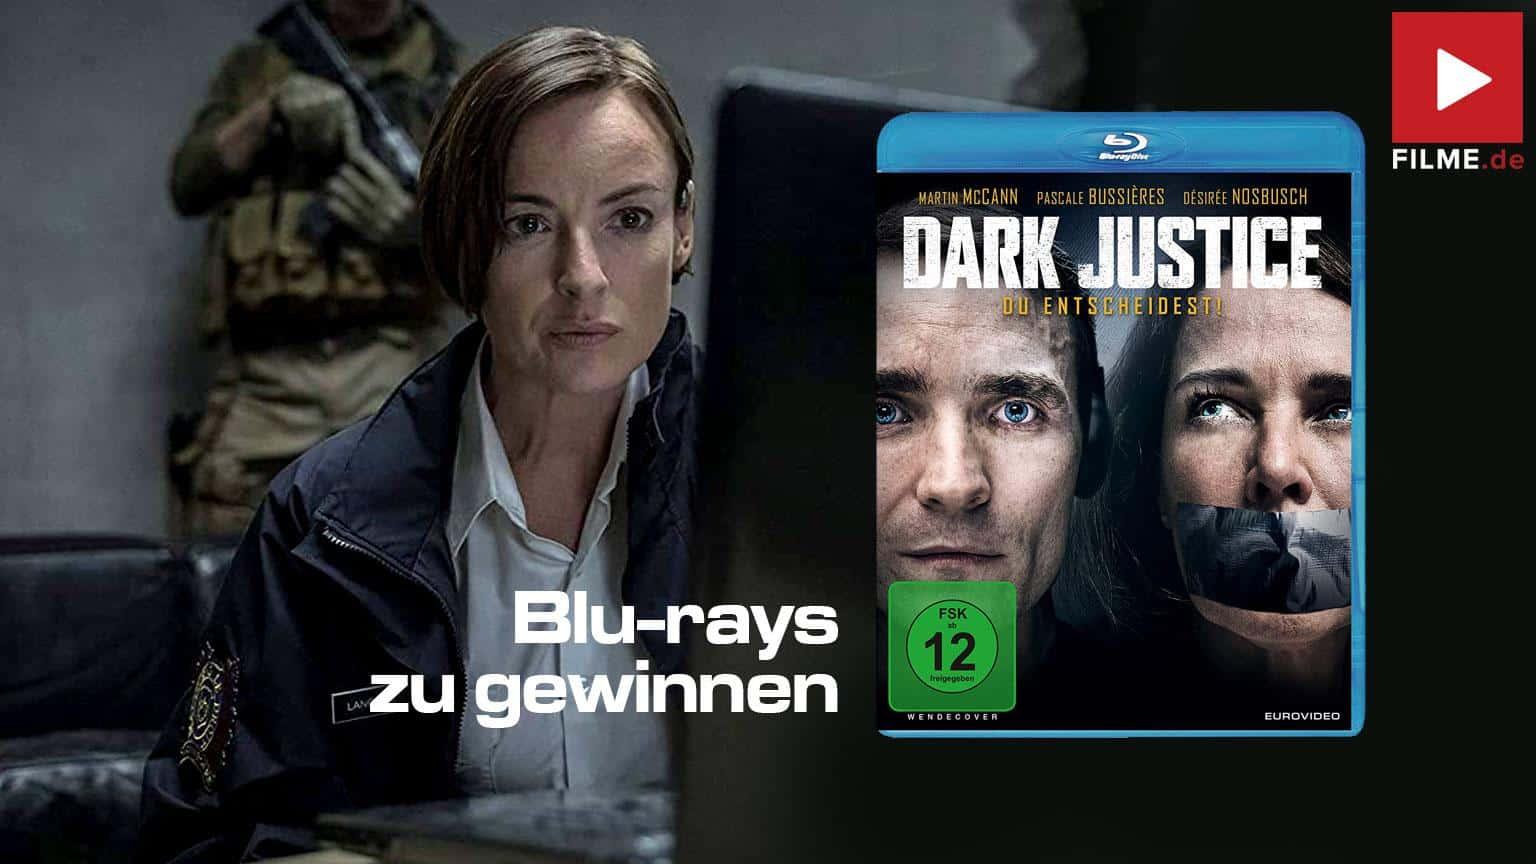 Dark Justice Du Entscheidest! Film Blu-ray DVD Gewinnspiel gewinnen shop kaufen Artikelbild